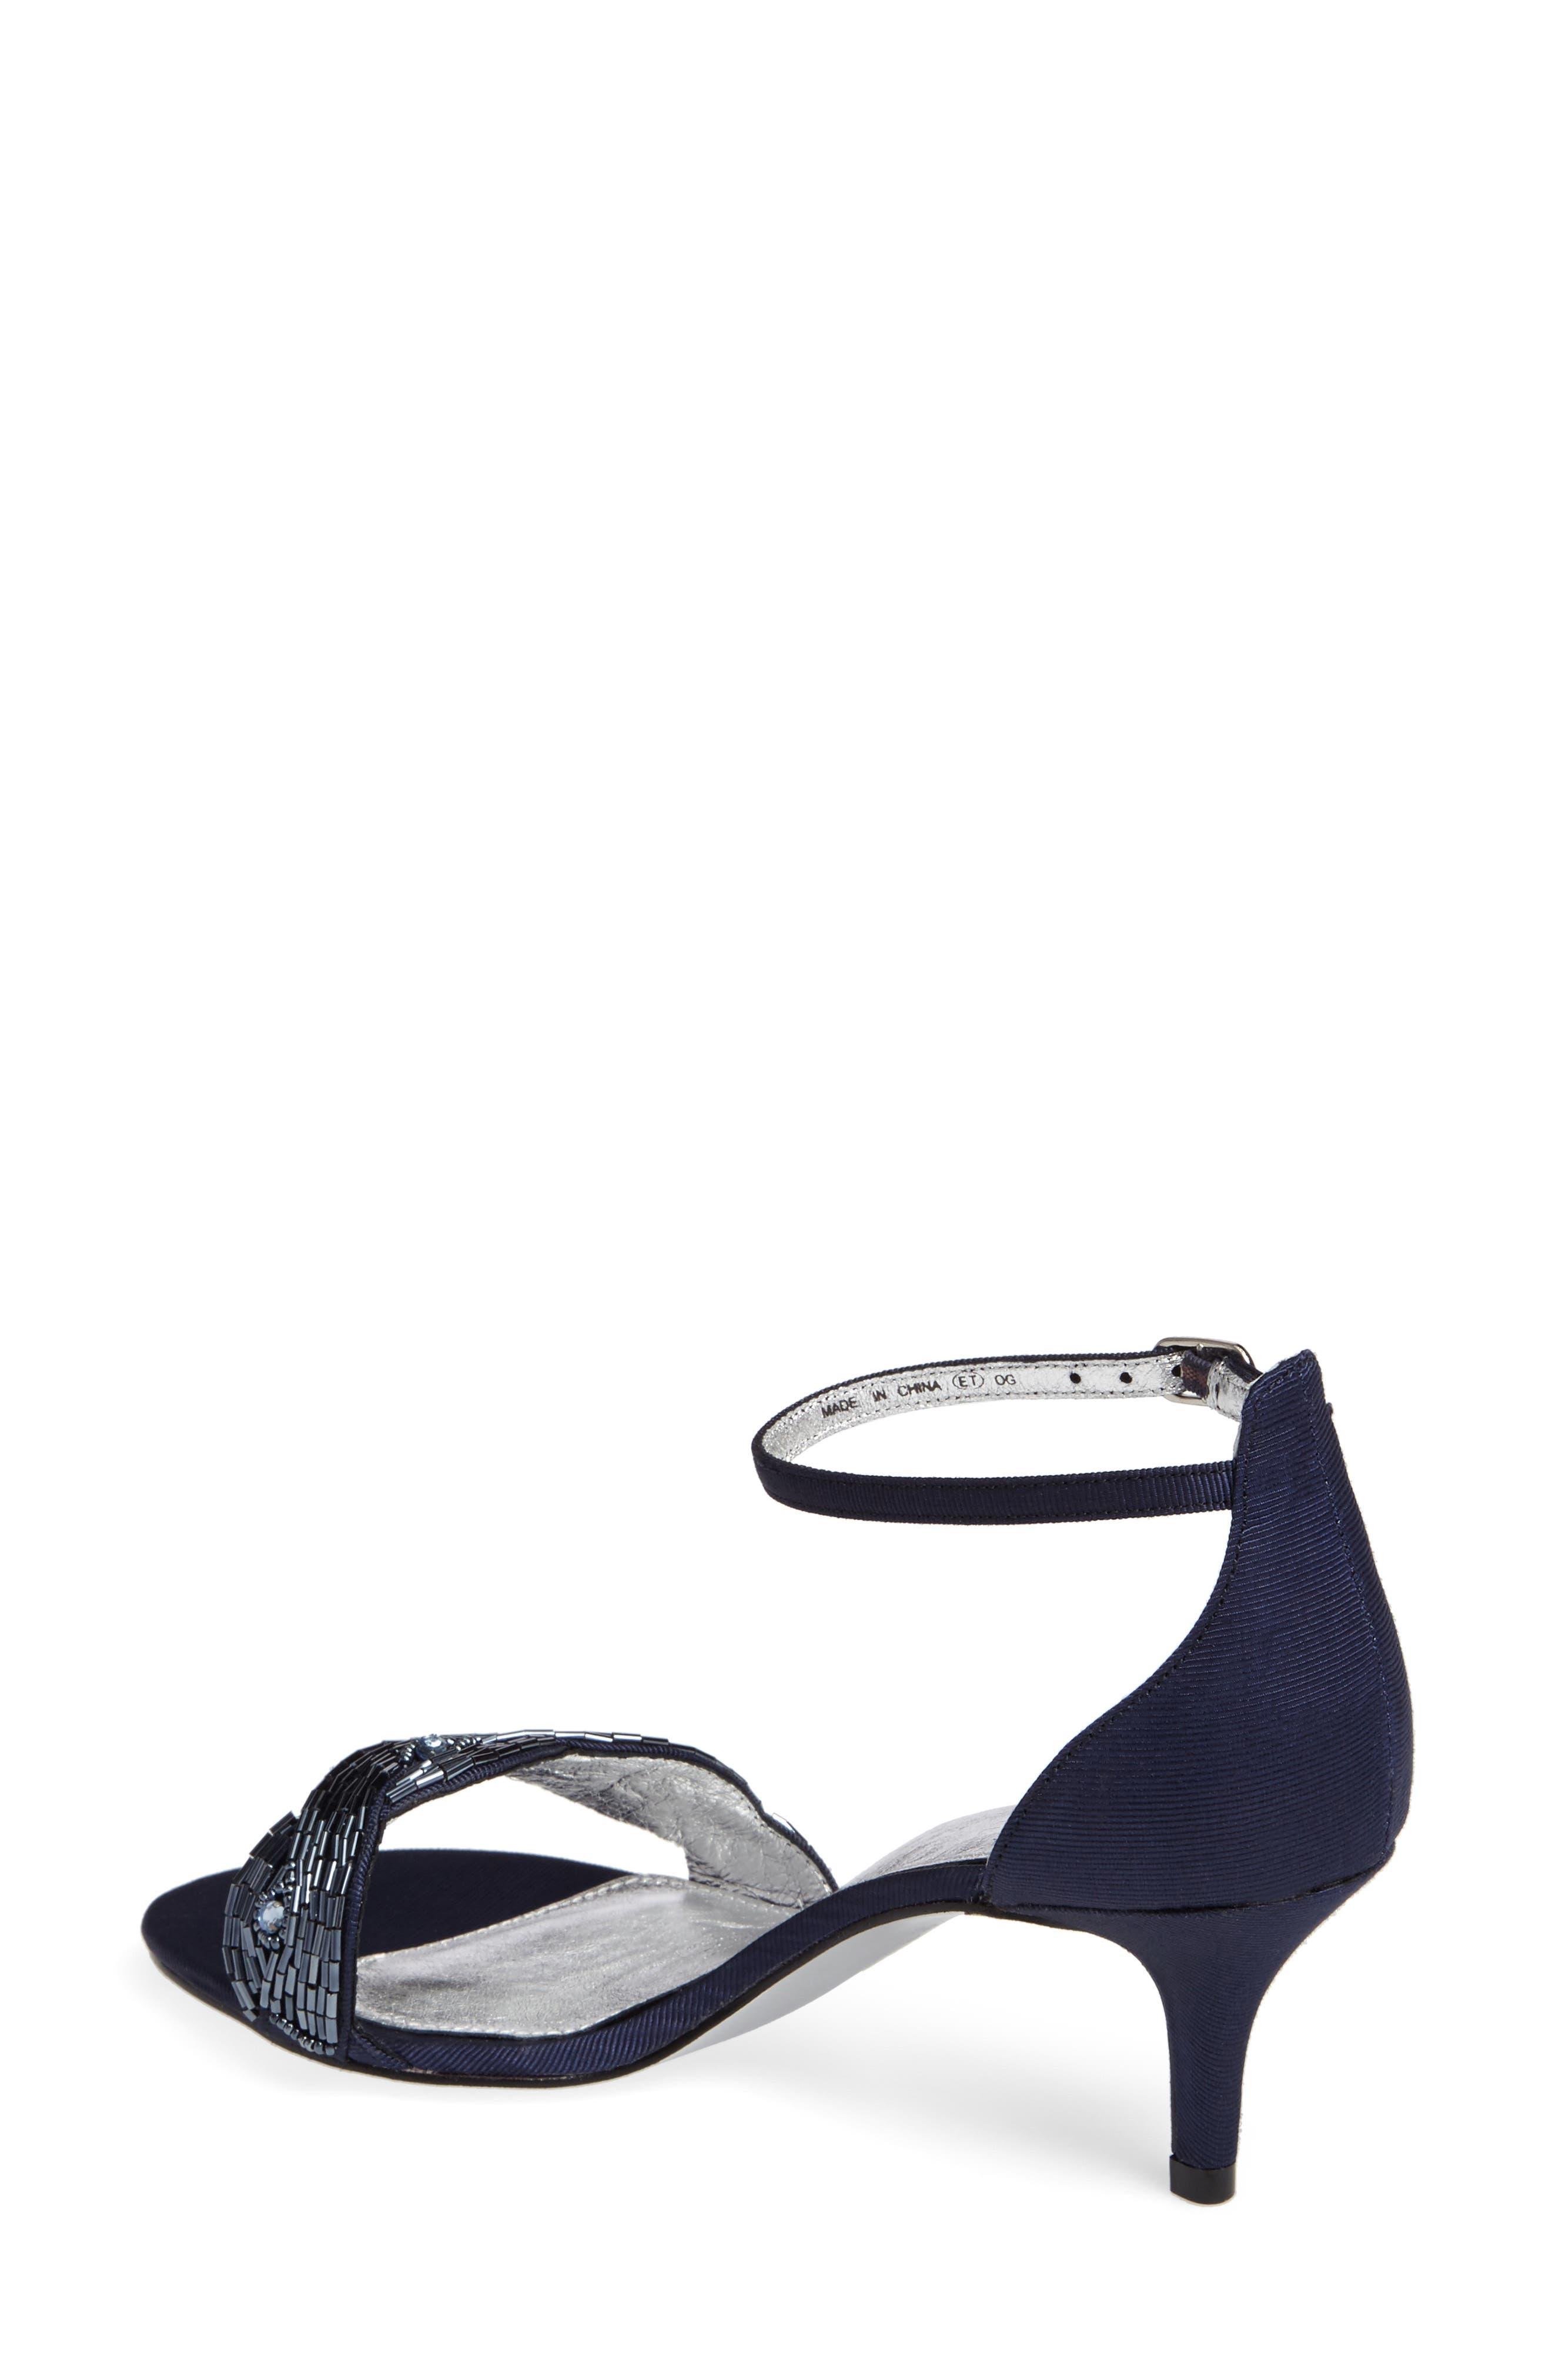 Aerin Embellished Sandal,                             Alternate thumbnail 2, color,                             413